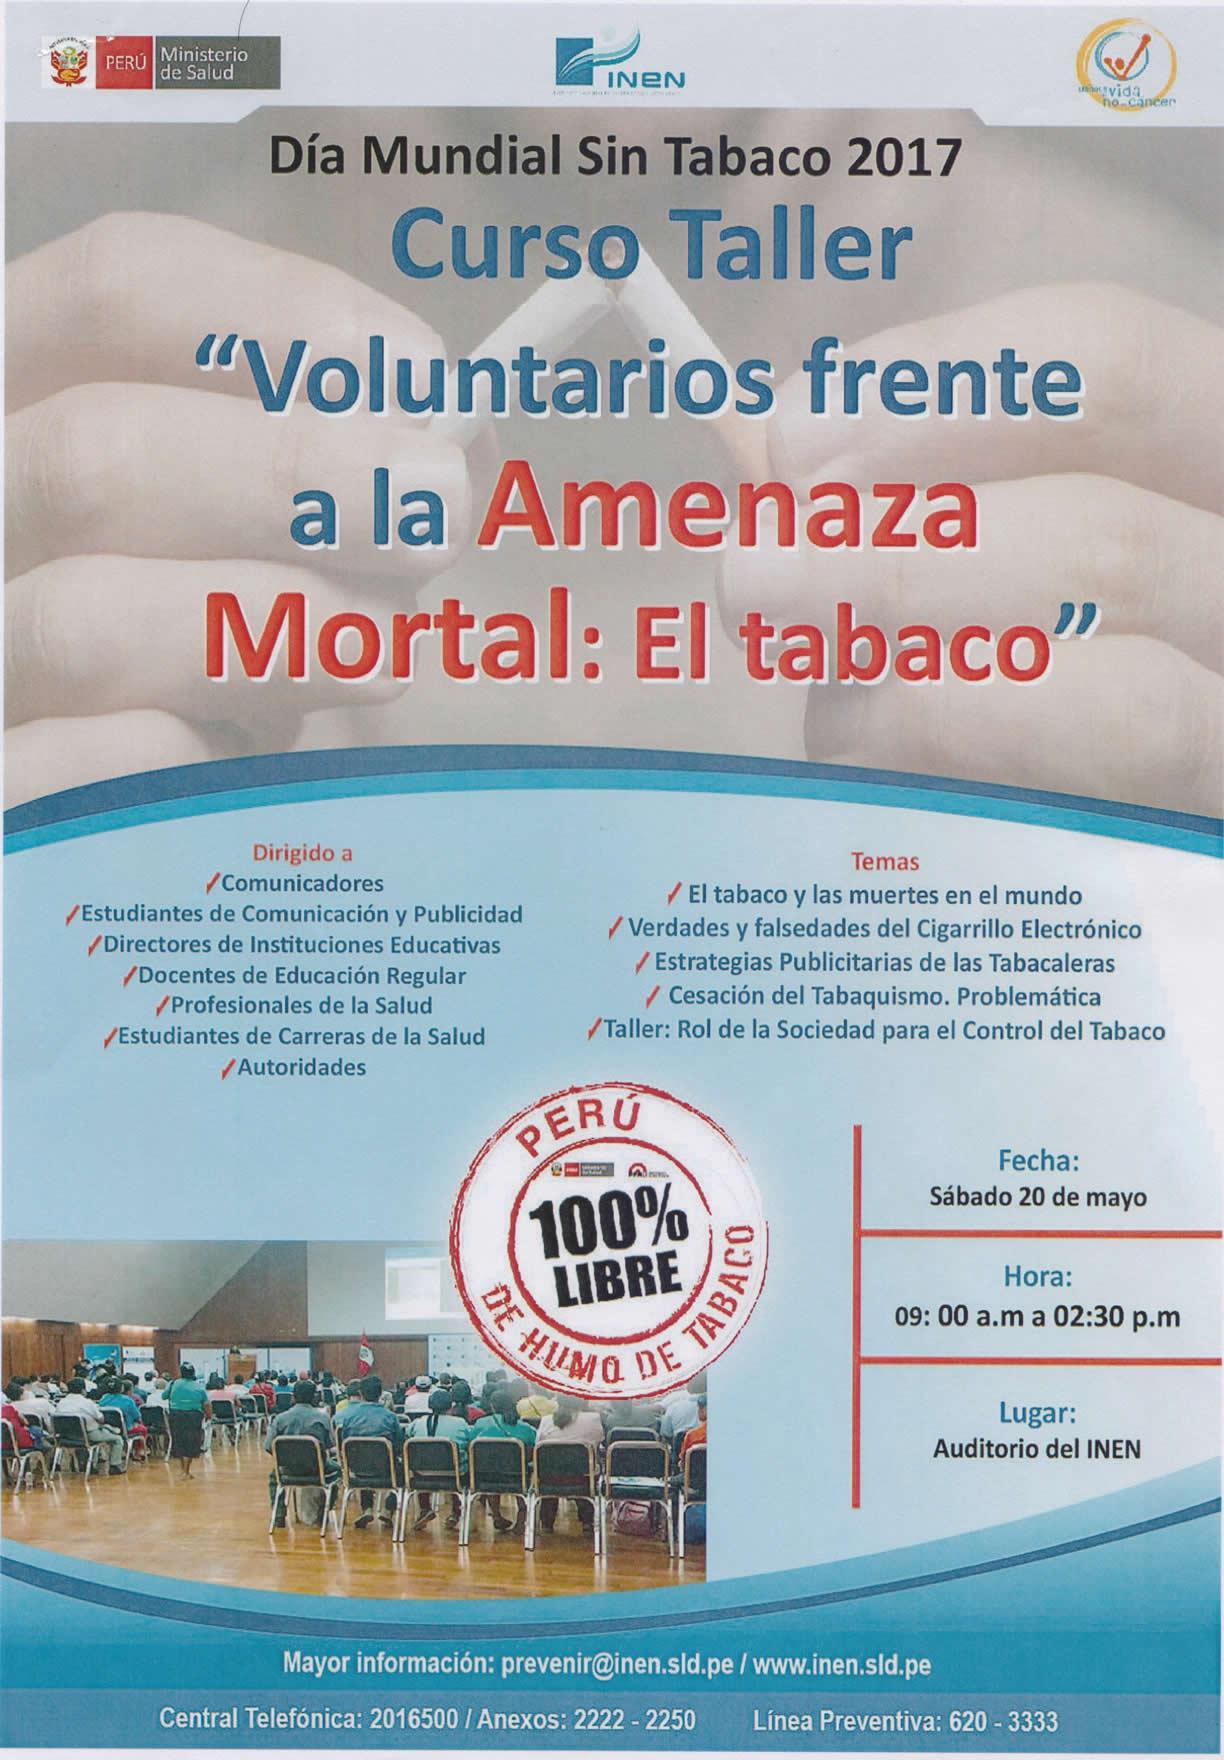 Curso Taller - Voluntarios frente a la Amenaza Mortal: El Tabaco